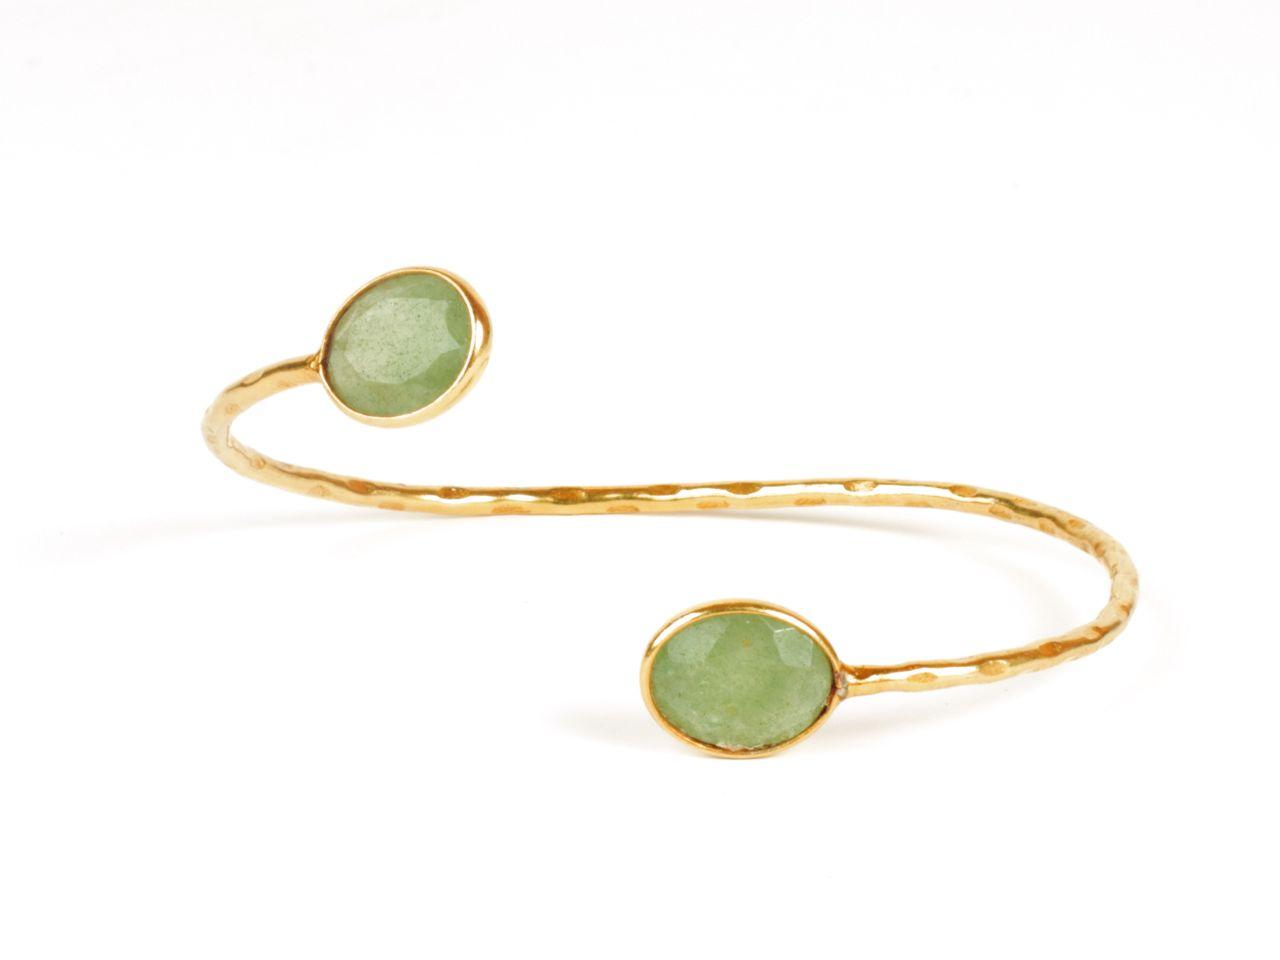 Bendable Bracelet With Facet Cut Jade